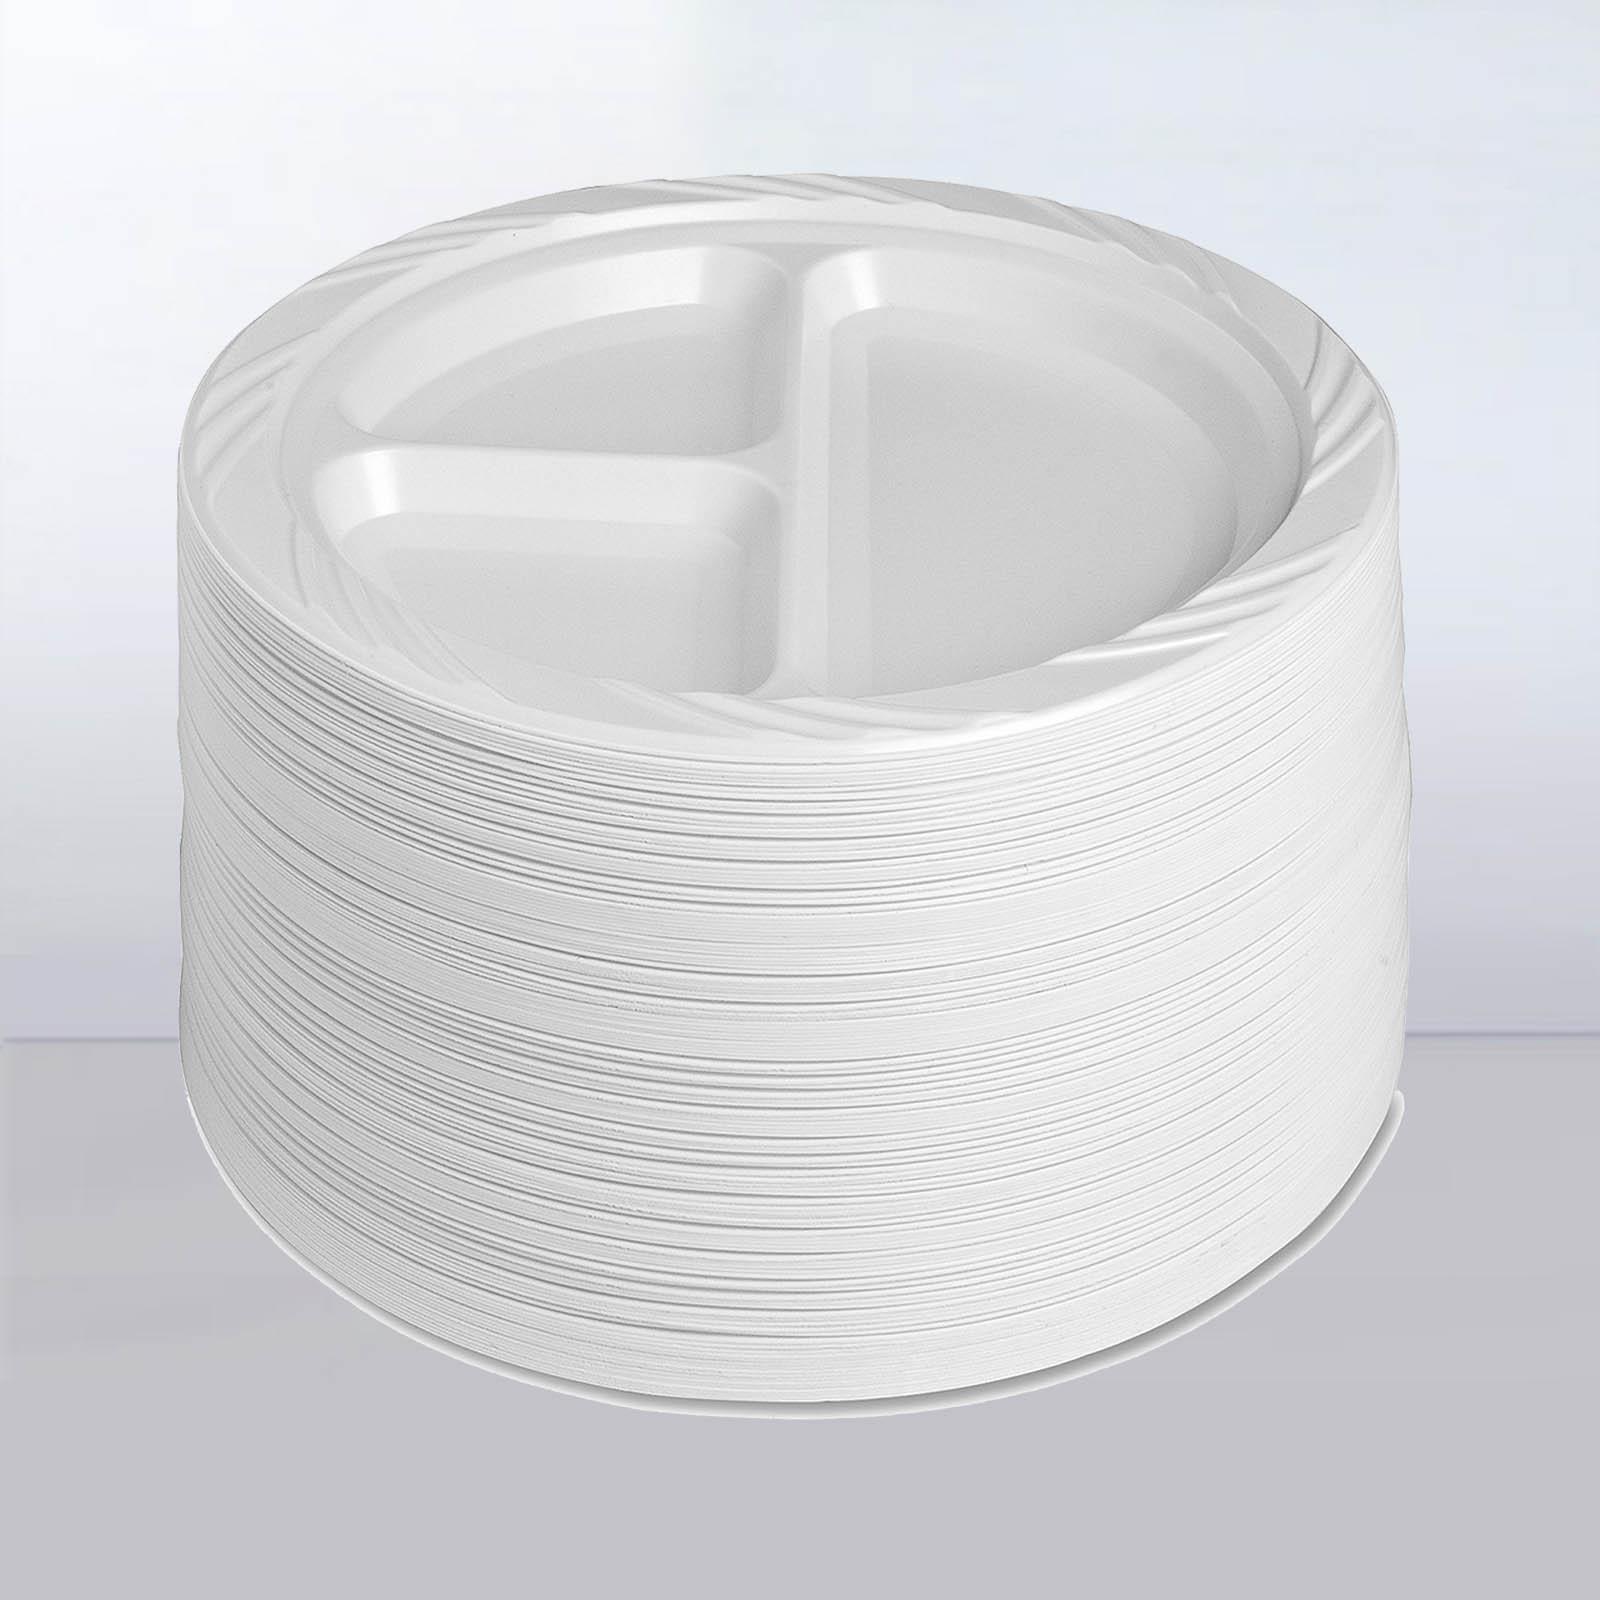 注塑级降解材料应用-仿瓷餐具.jpg